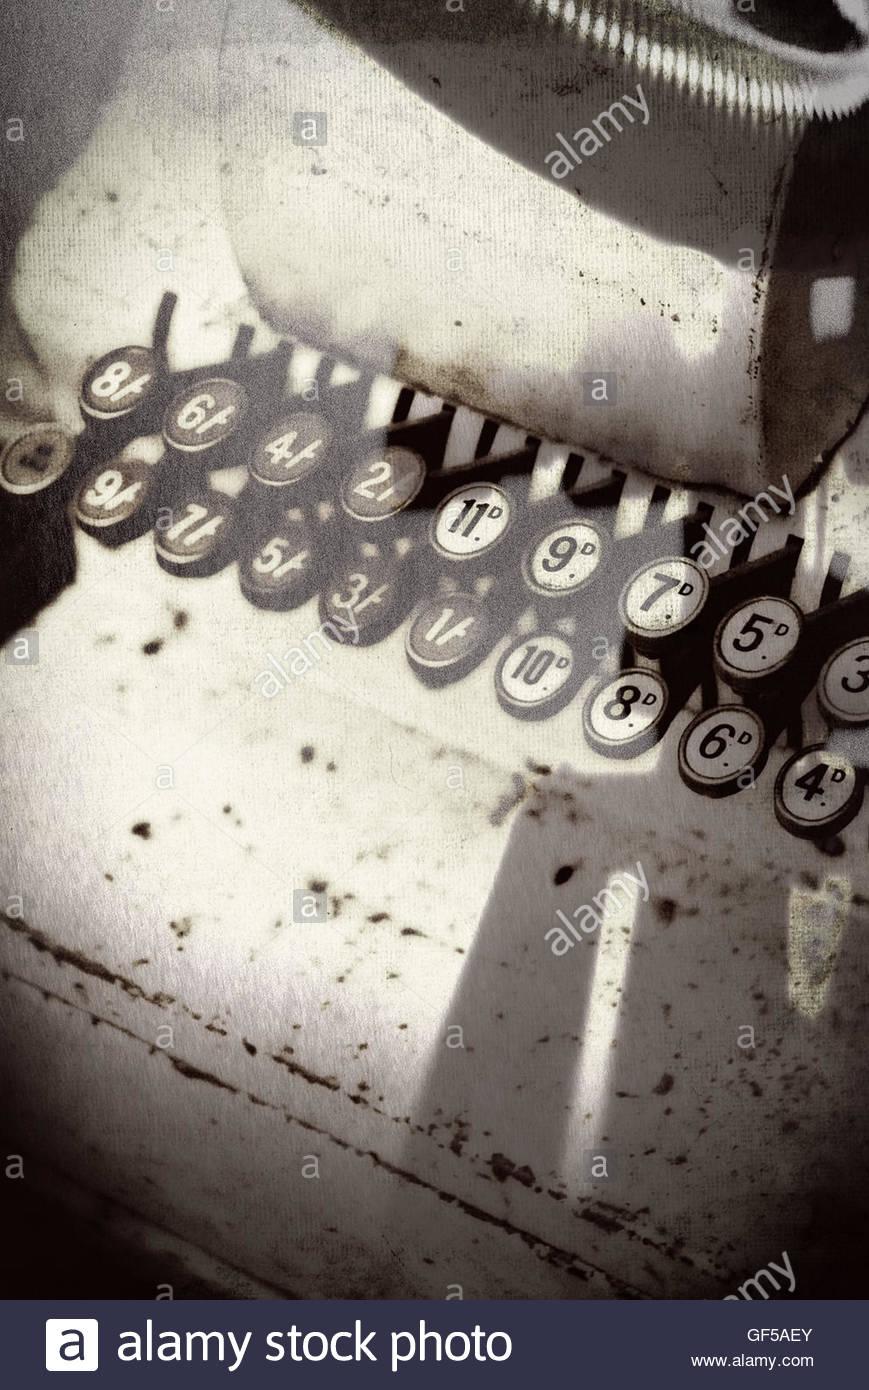 Loja vintage até moody chaves imagem com sombras fortes Imagens de Stock